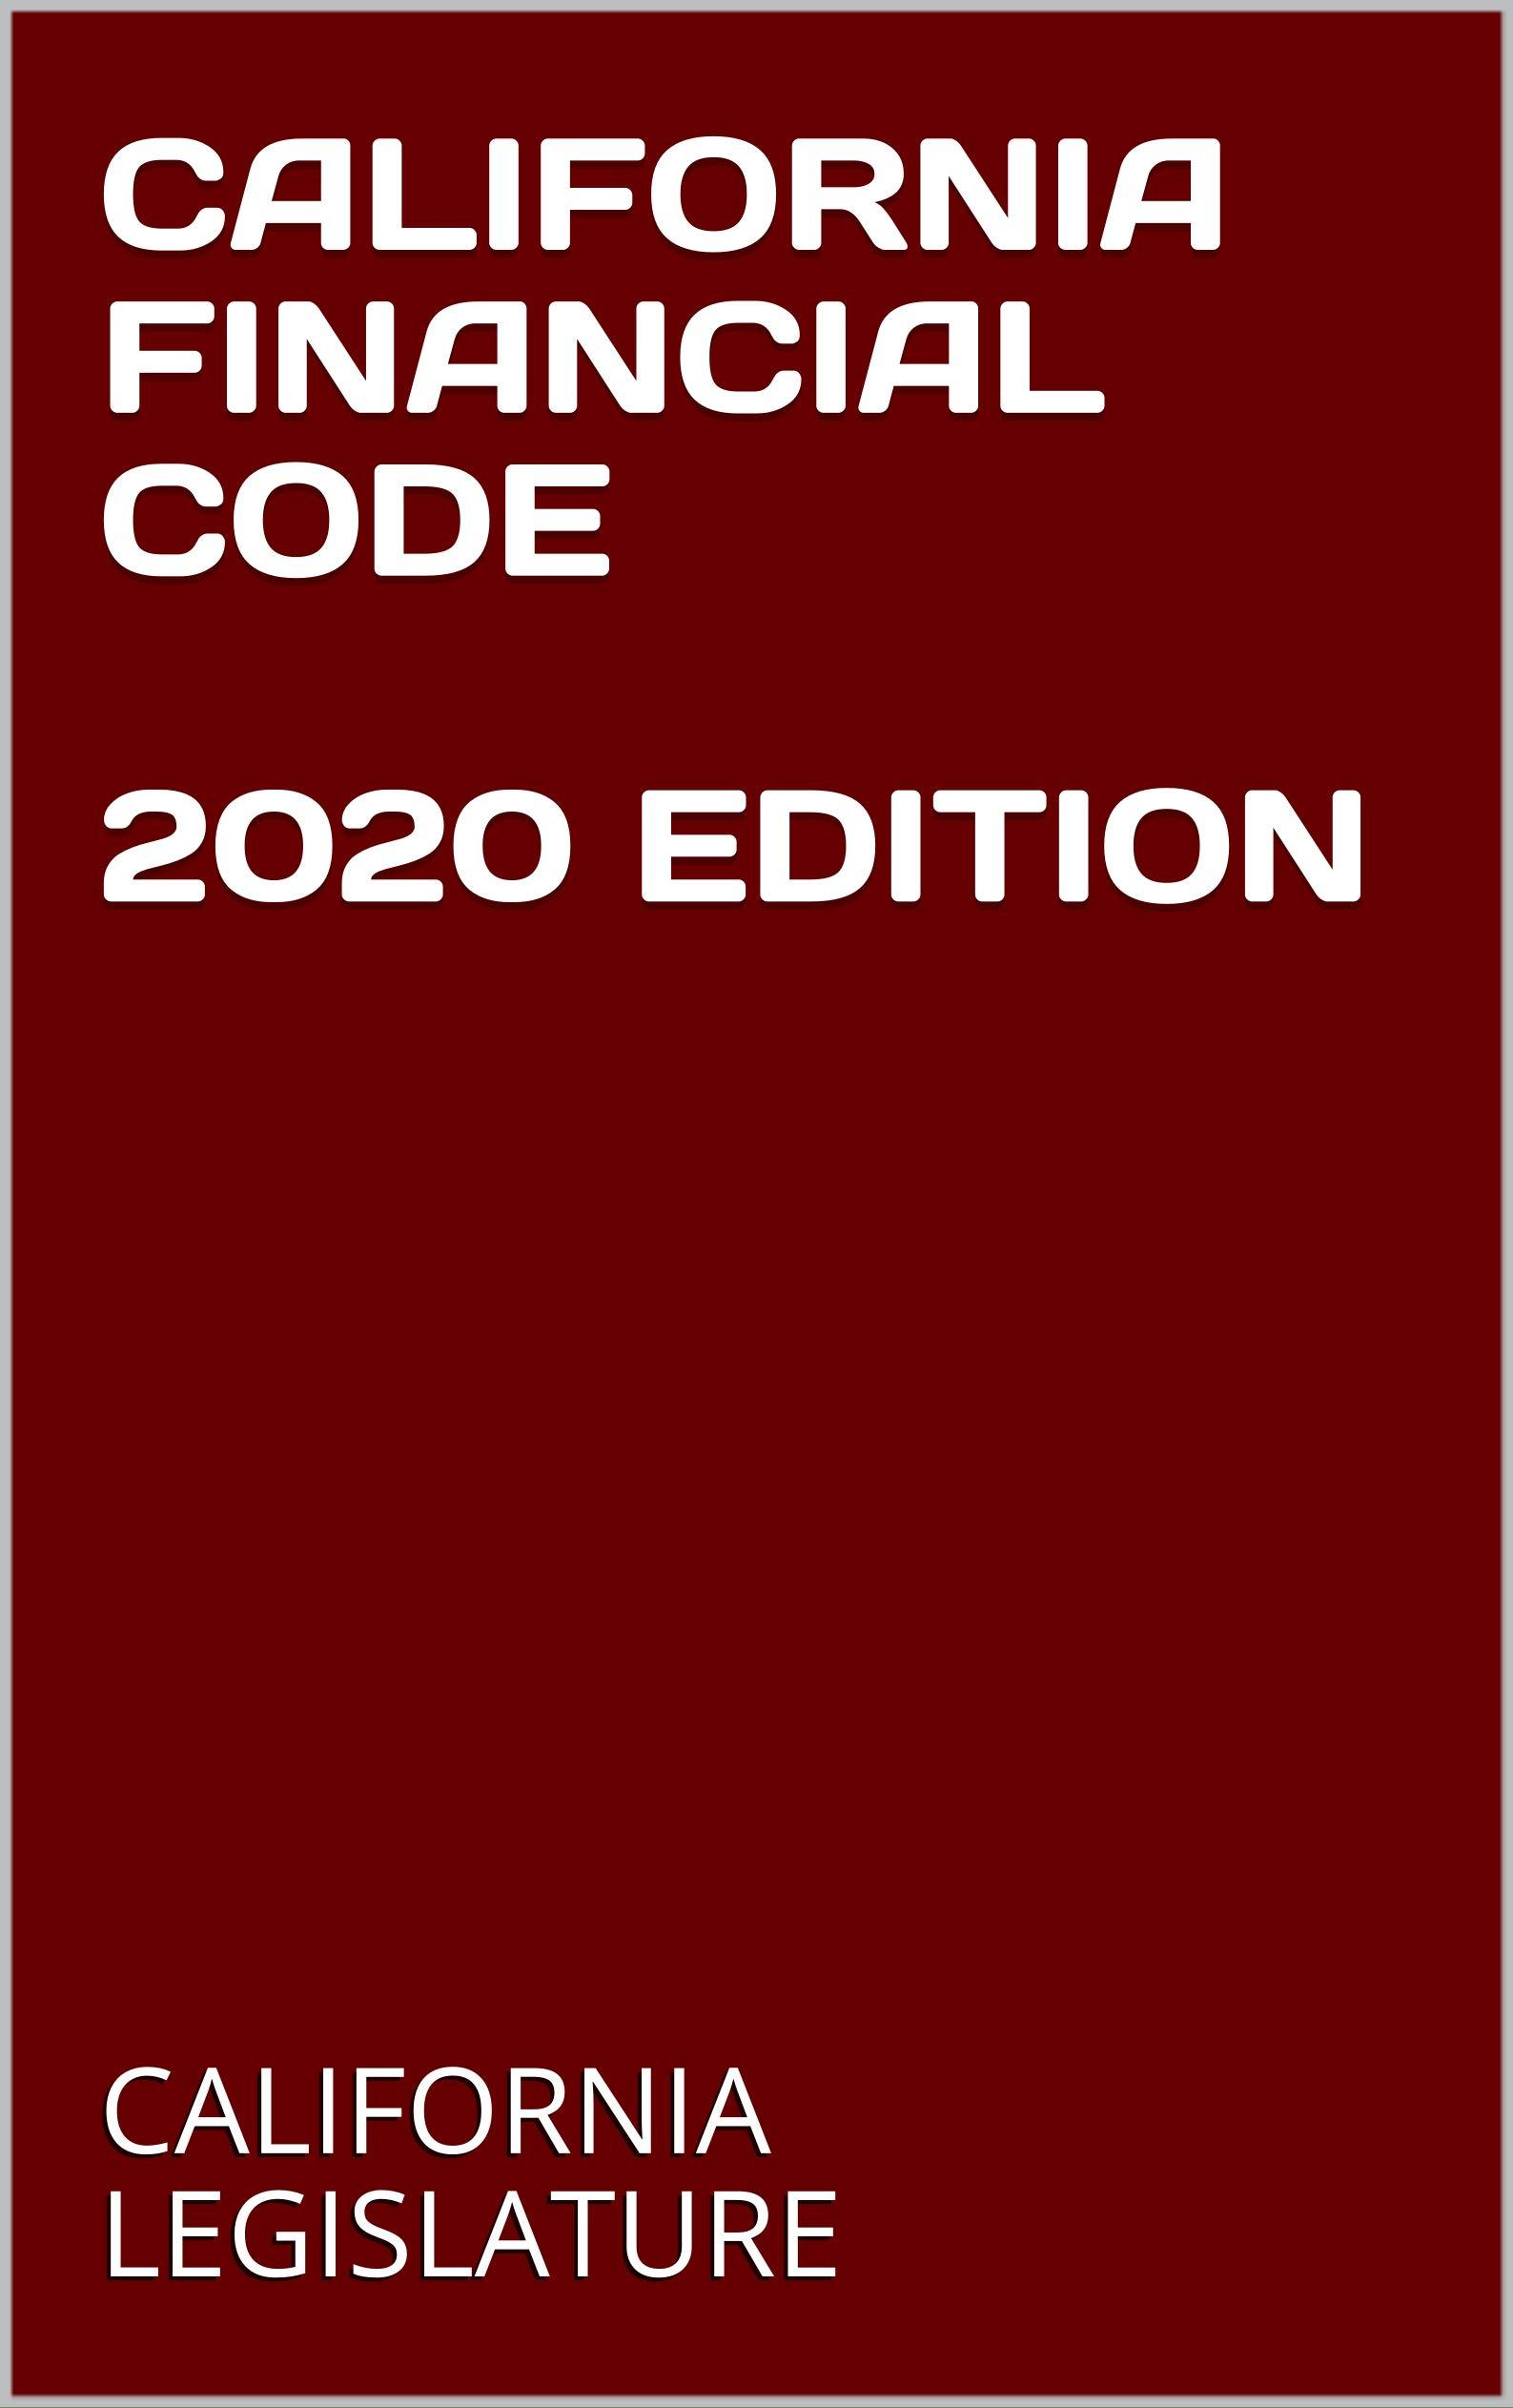 CALIFORNIA FINANCIAL CODE 2020 EDITION